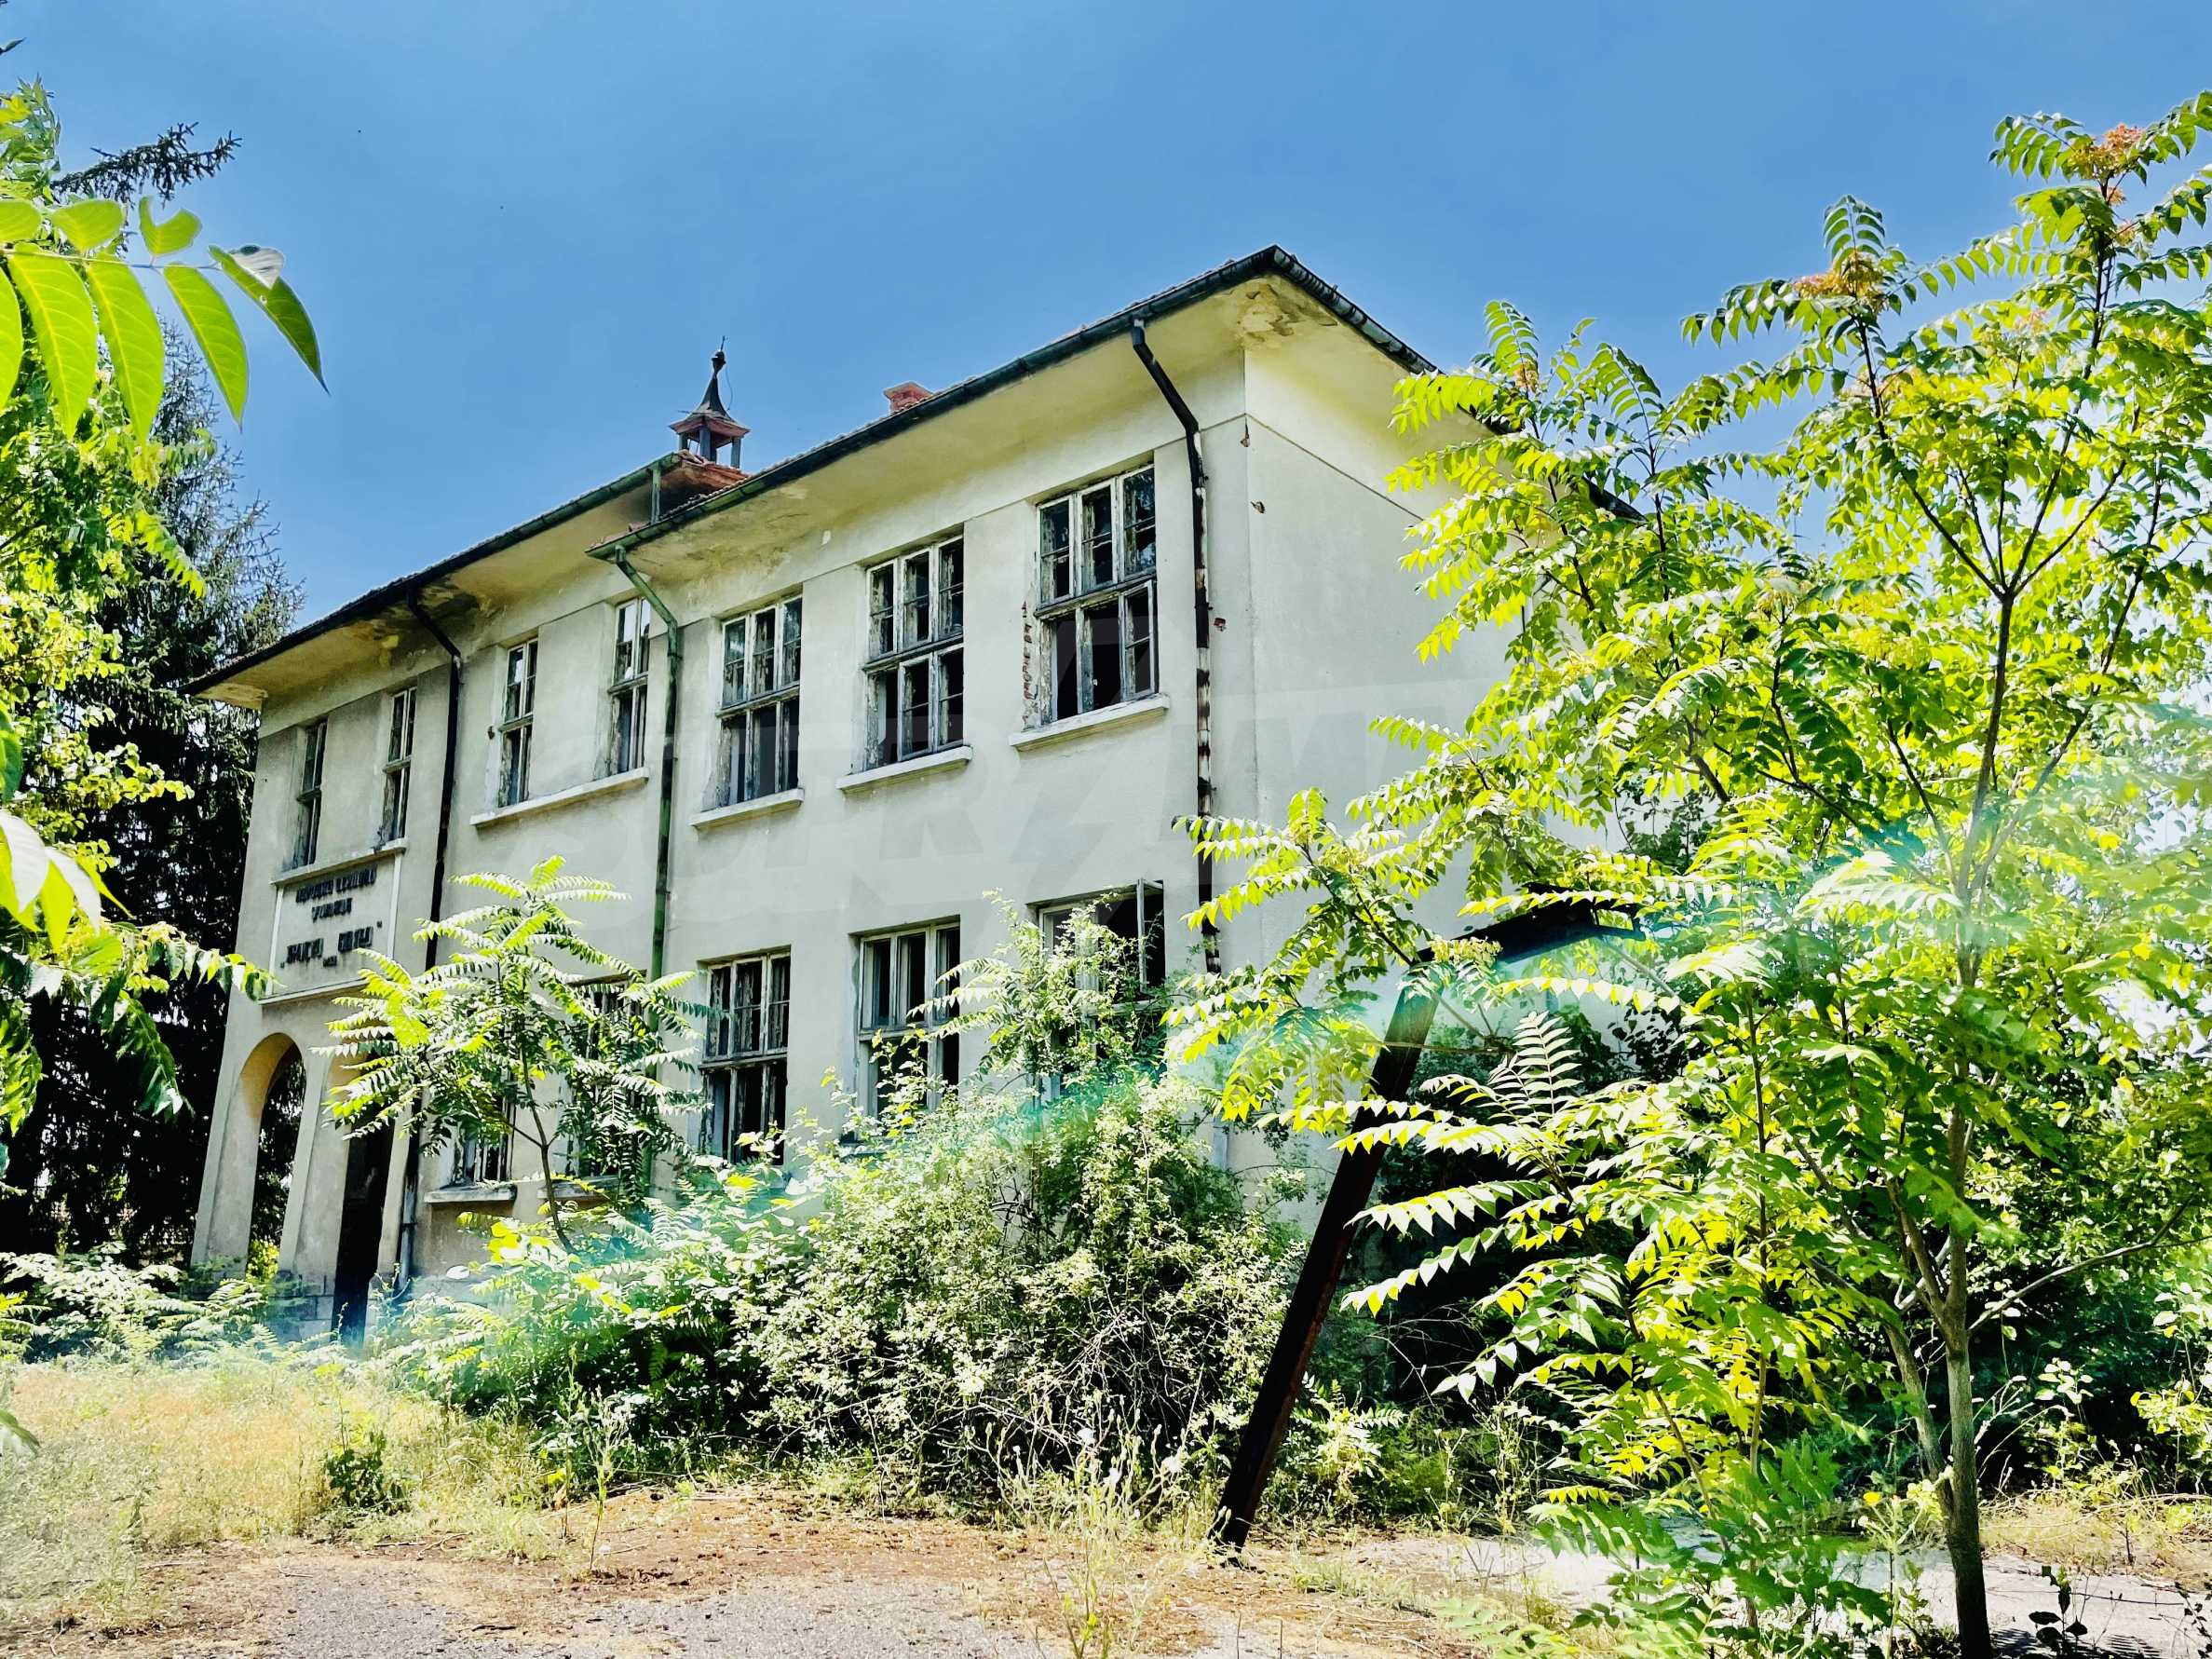 Zwei massive Gebäude auf einem großen Grundstück 35 km von der Stadt Russe und der Donau entfernt